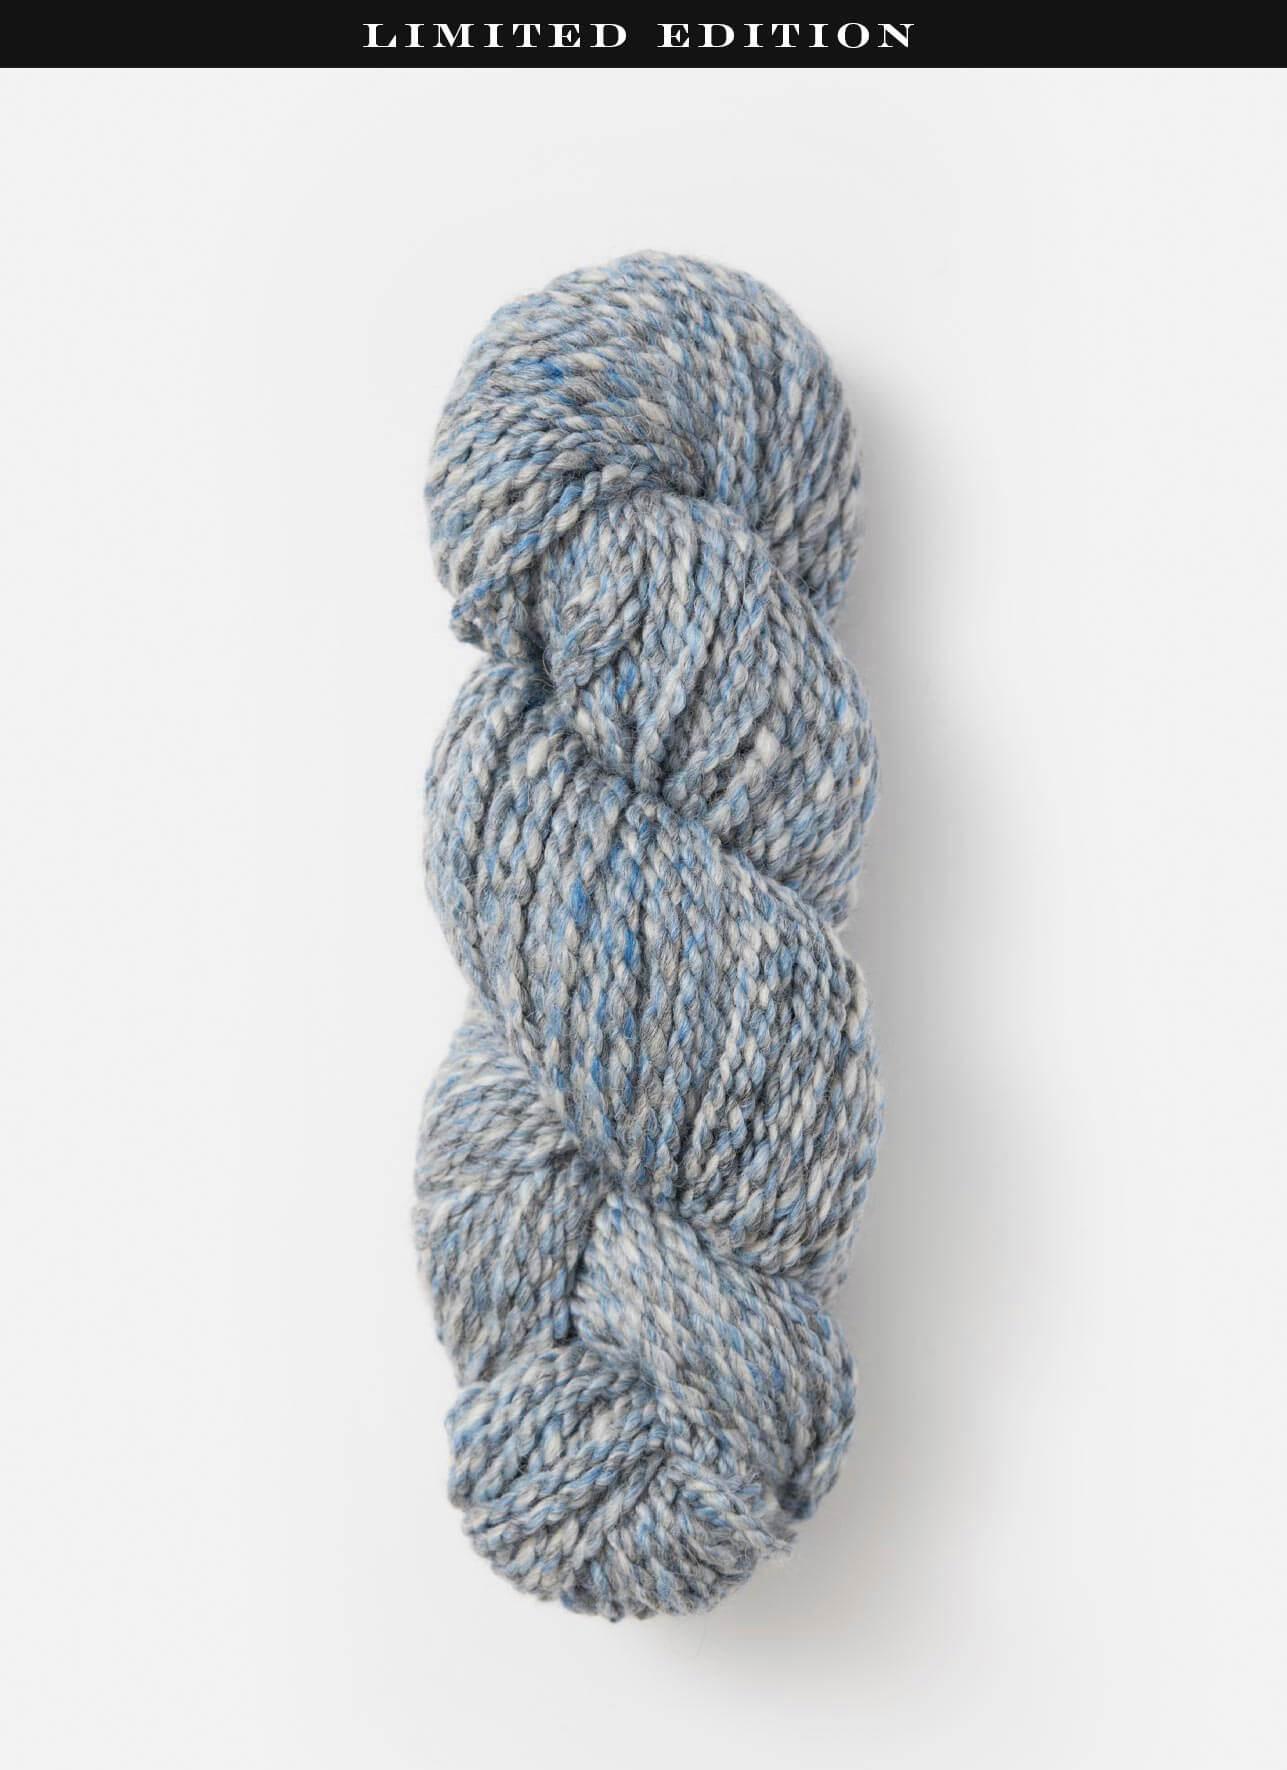 No. 201: Blue Sky